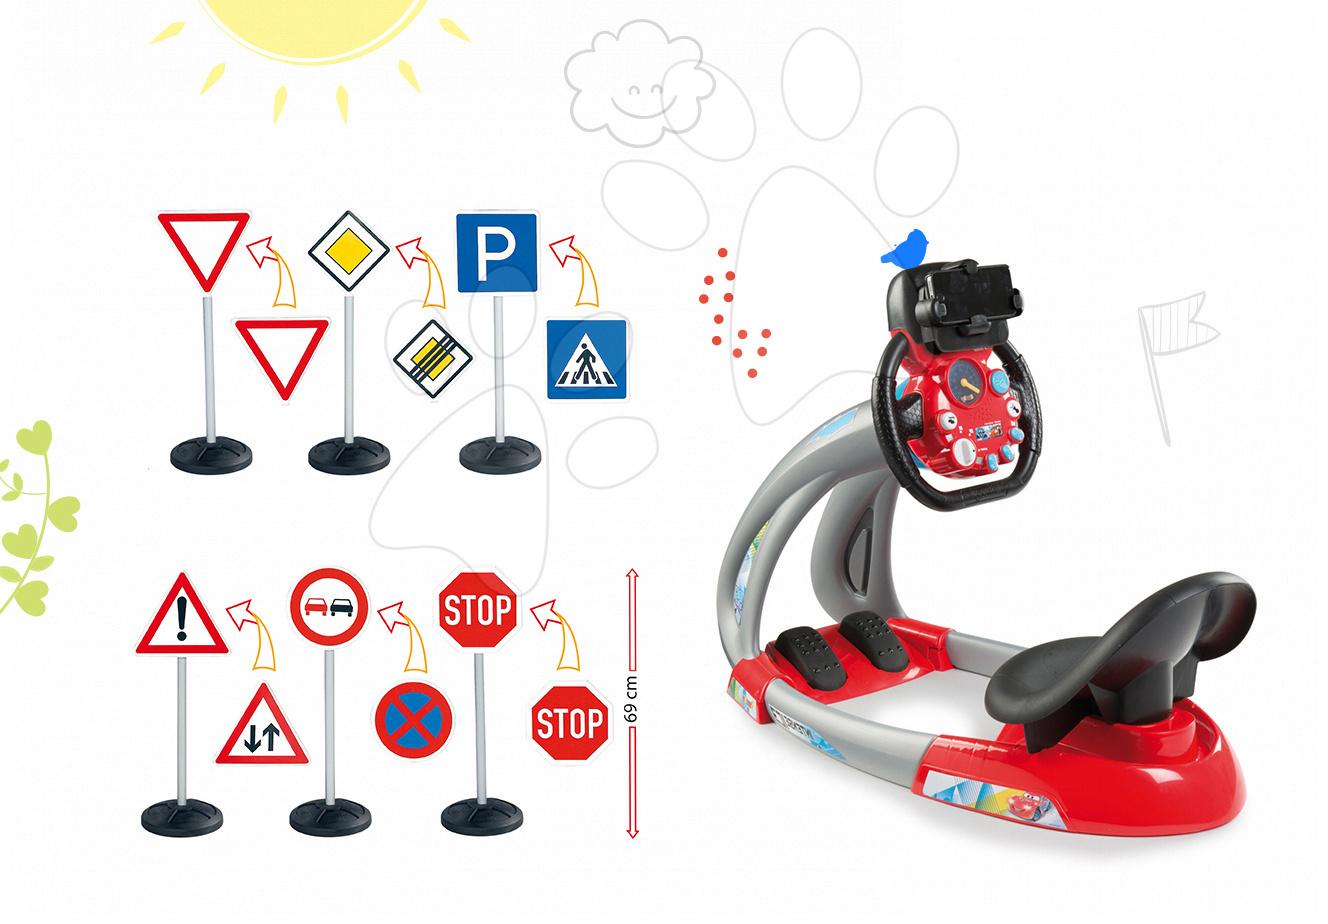 Set trenažér V8 Driver Smoby elektronický so zvukom a svetlom a dopravné značky 10 druhov